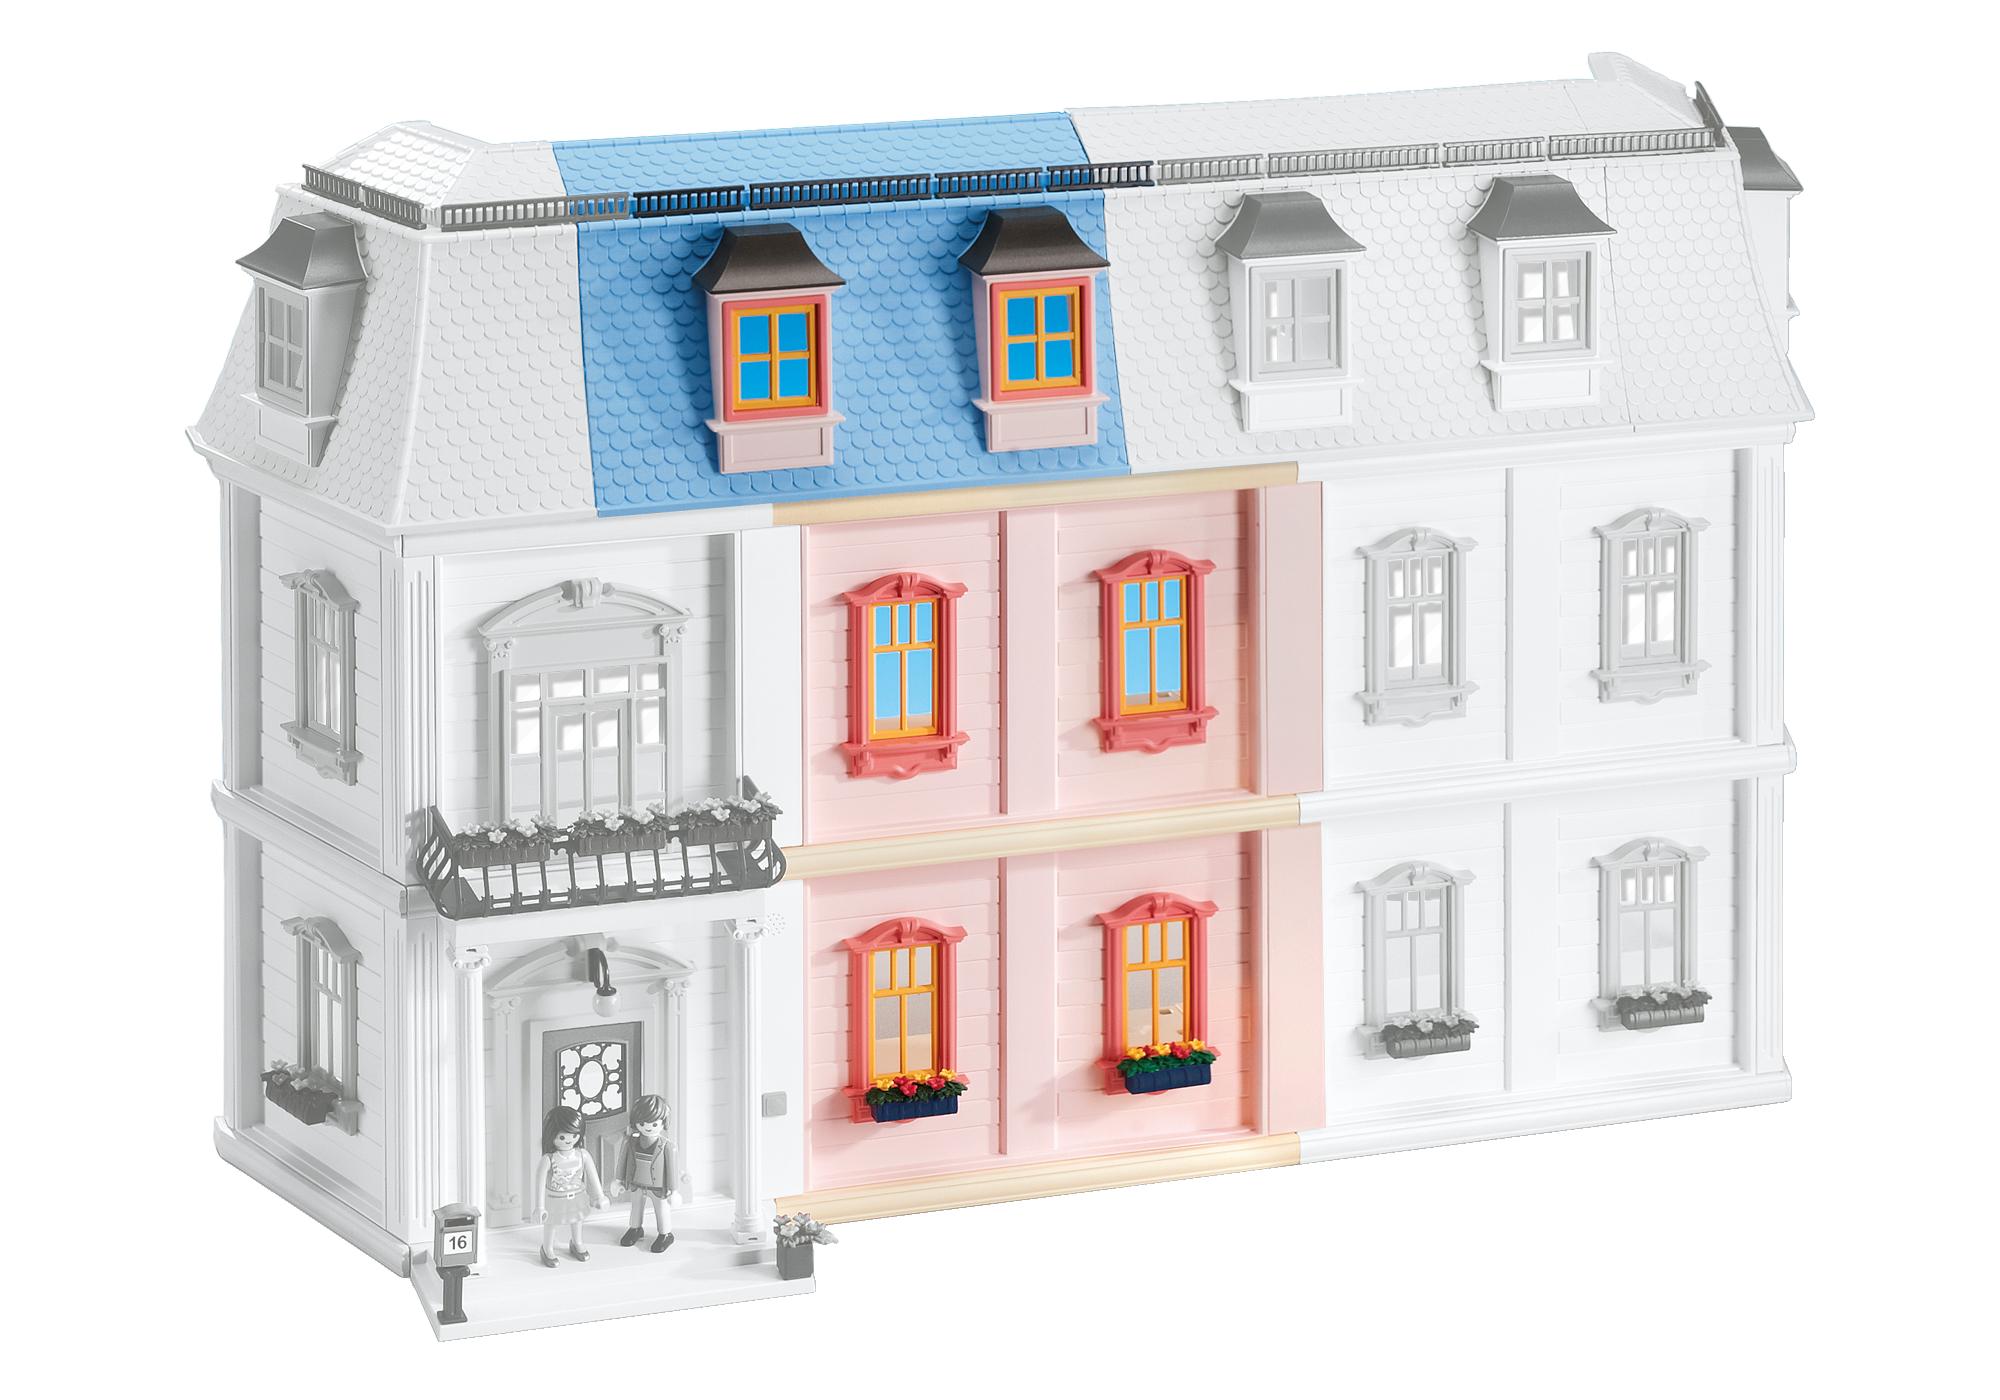 Casa delle bambole estensione a playmobil italia